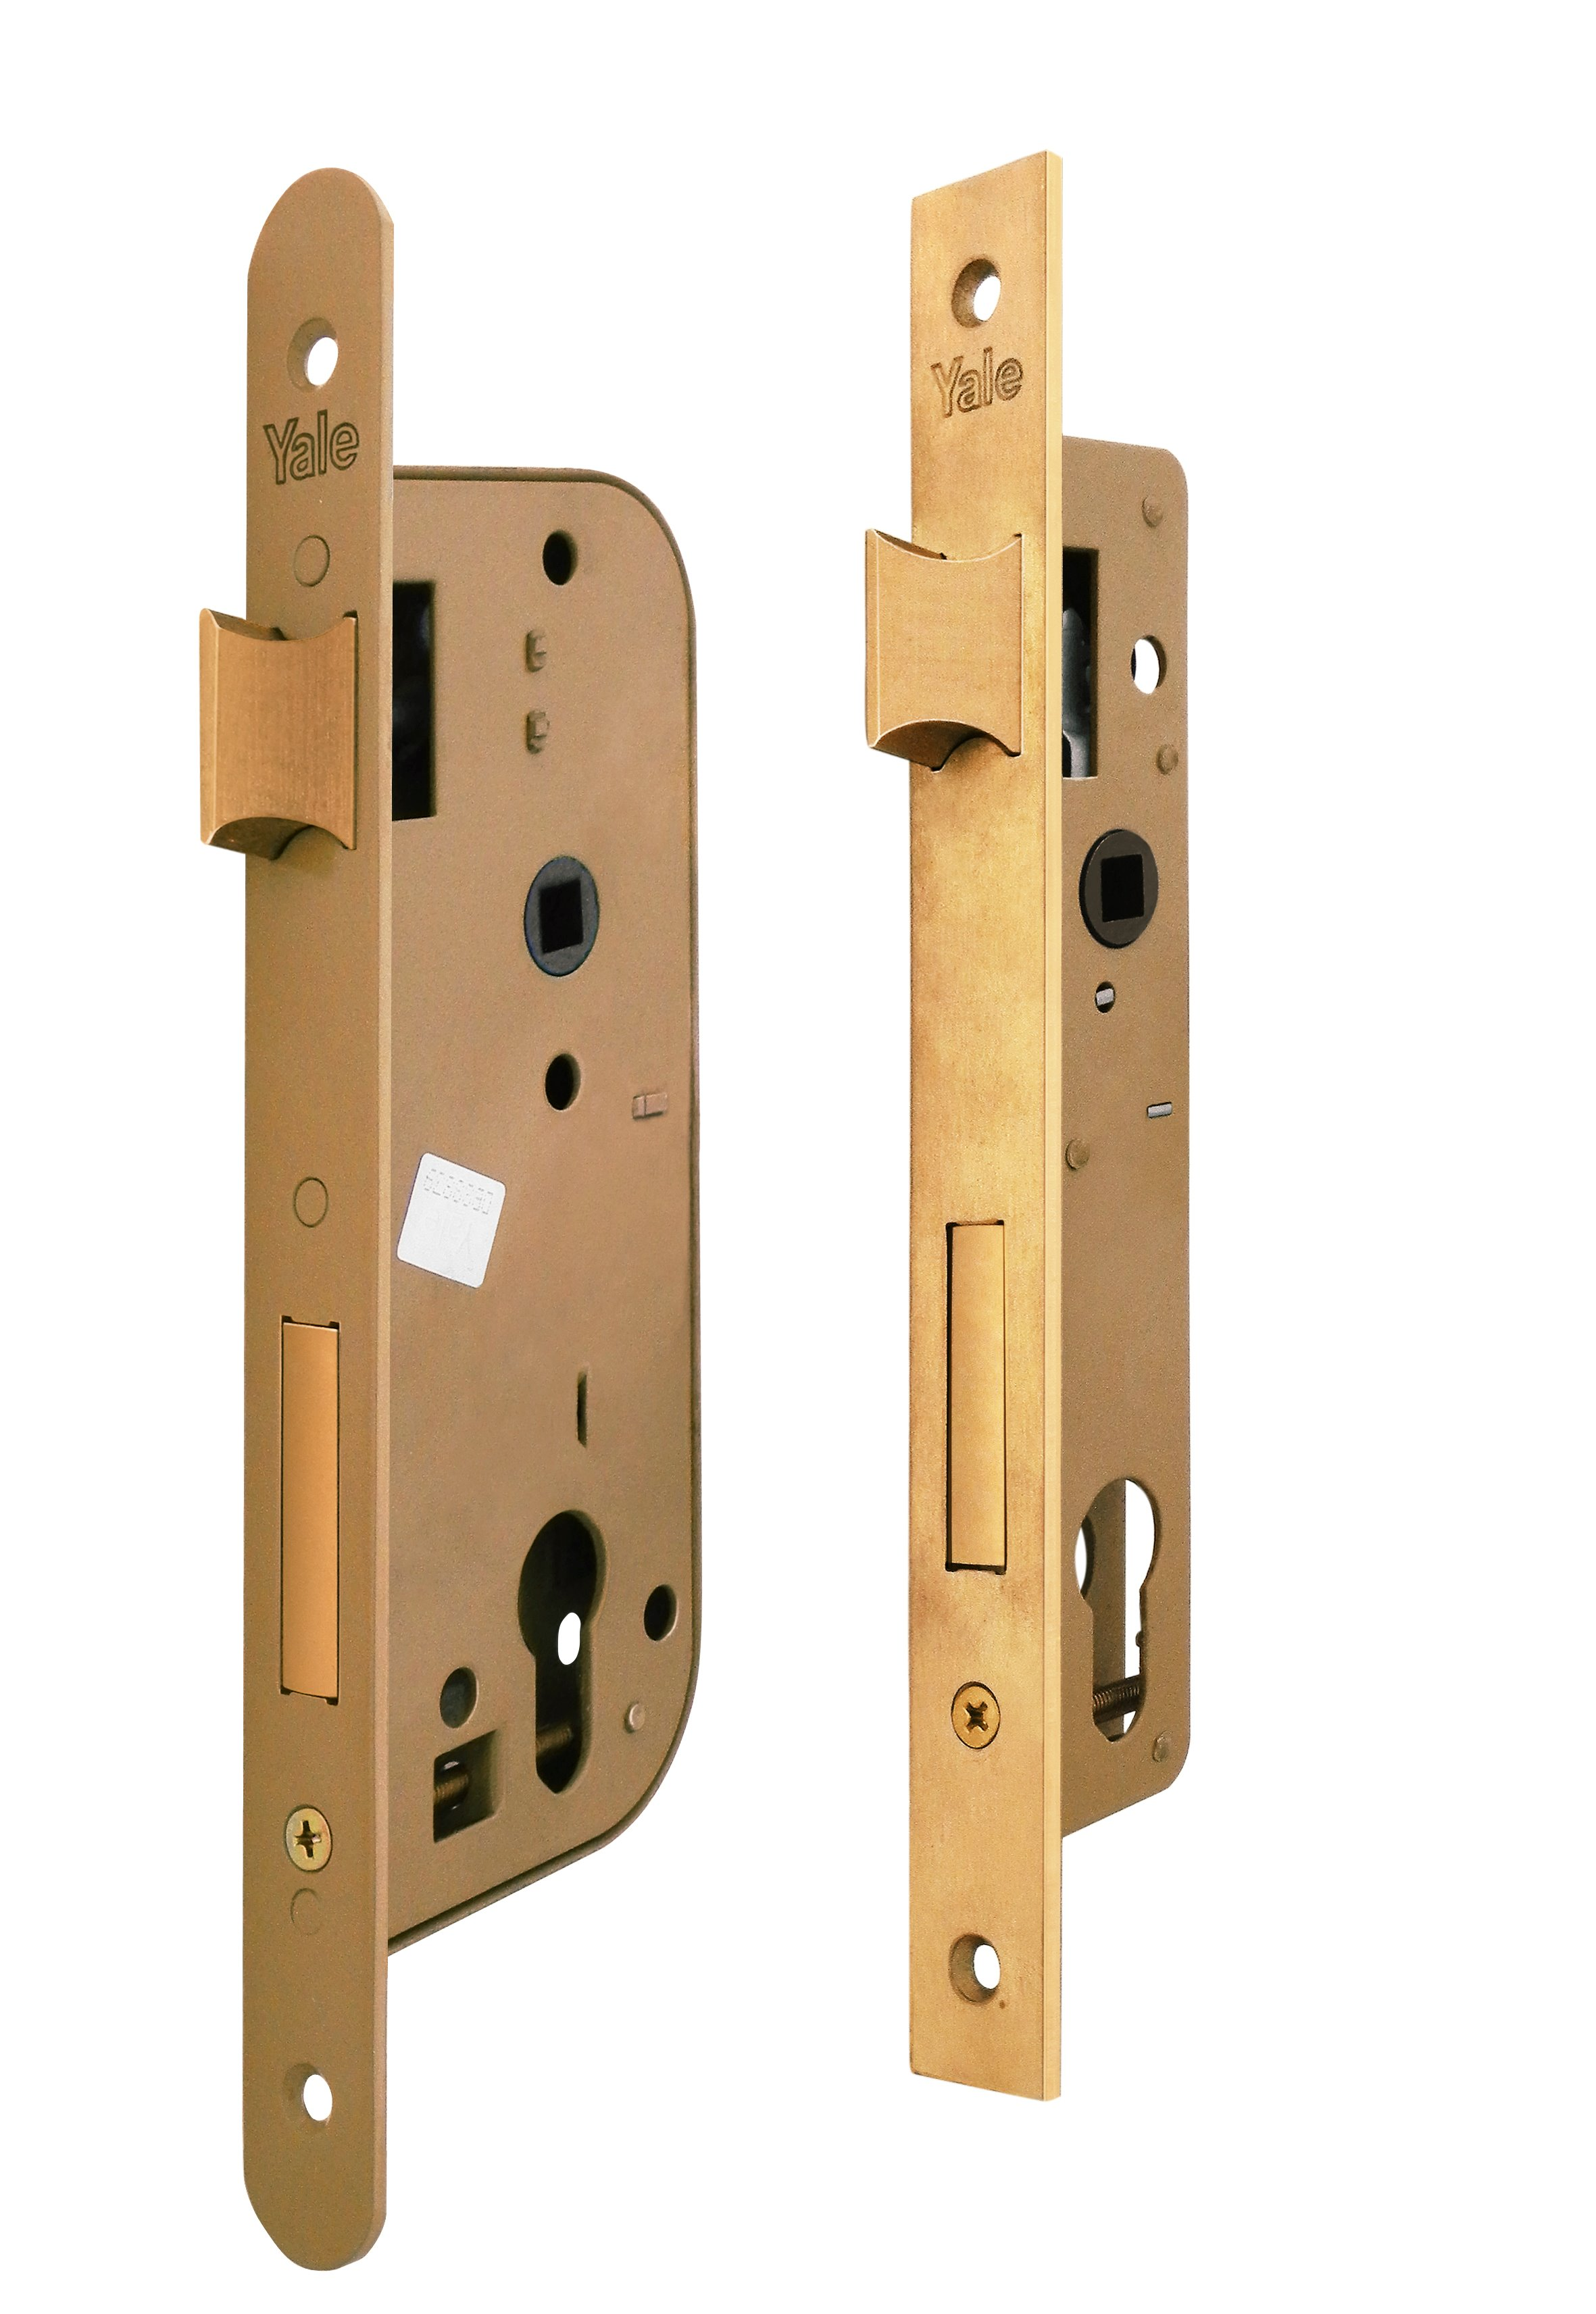 510/520 Mortice lock for wooden doors